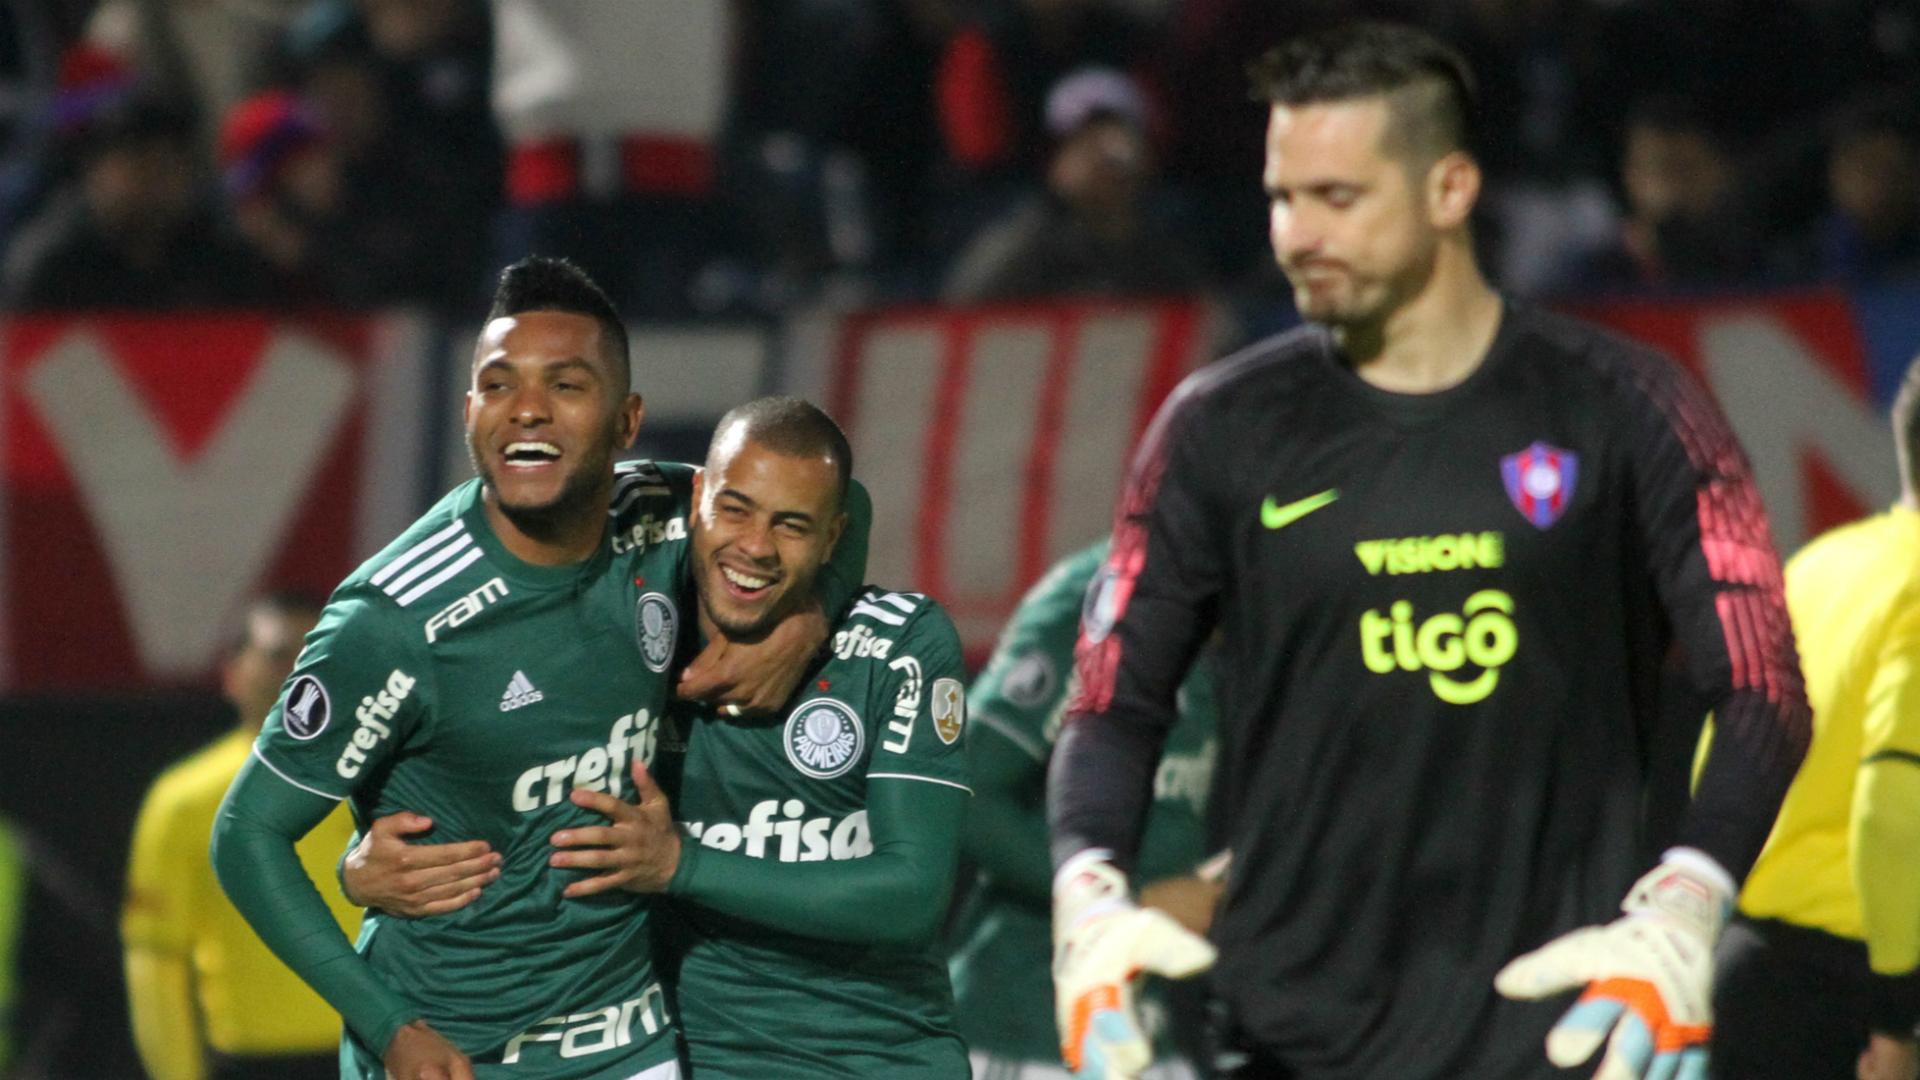 Copa Libertadores Review: Borja brace inspires Scolari's Palmeiras